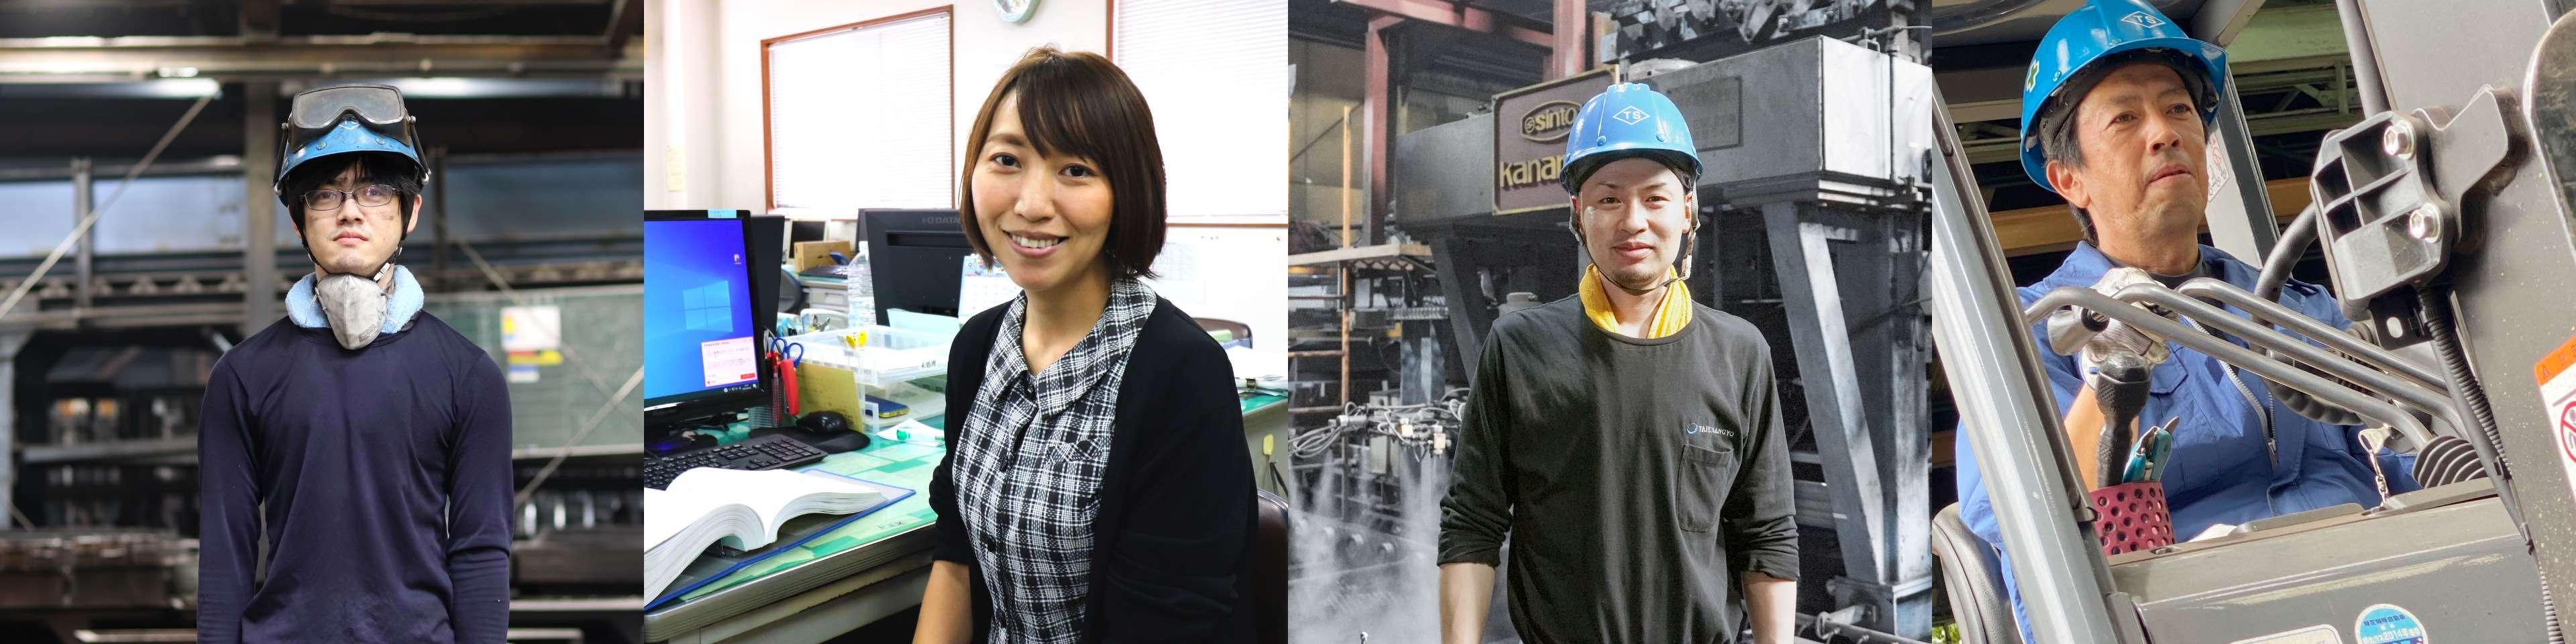 社員インタビュー|三重県鋳造メーカー求人情報|大洋産業